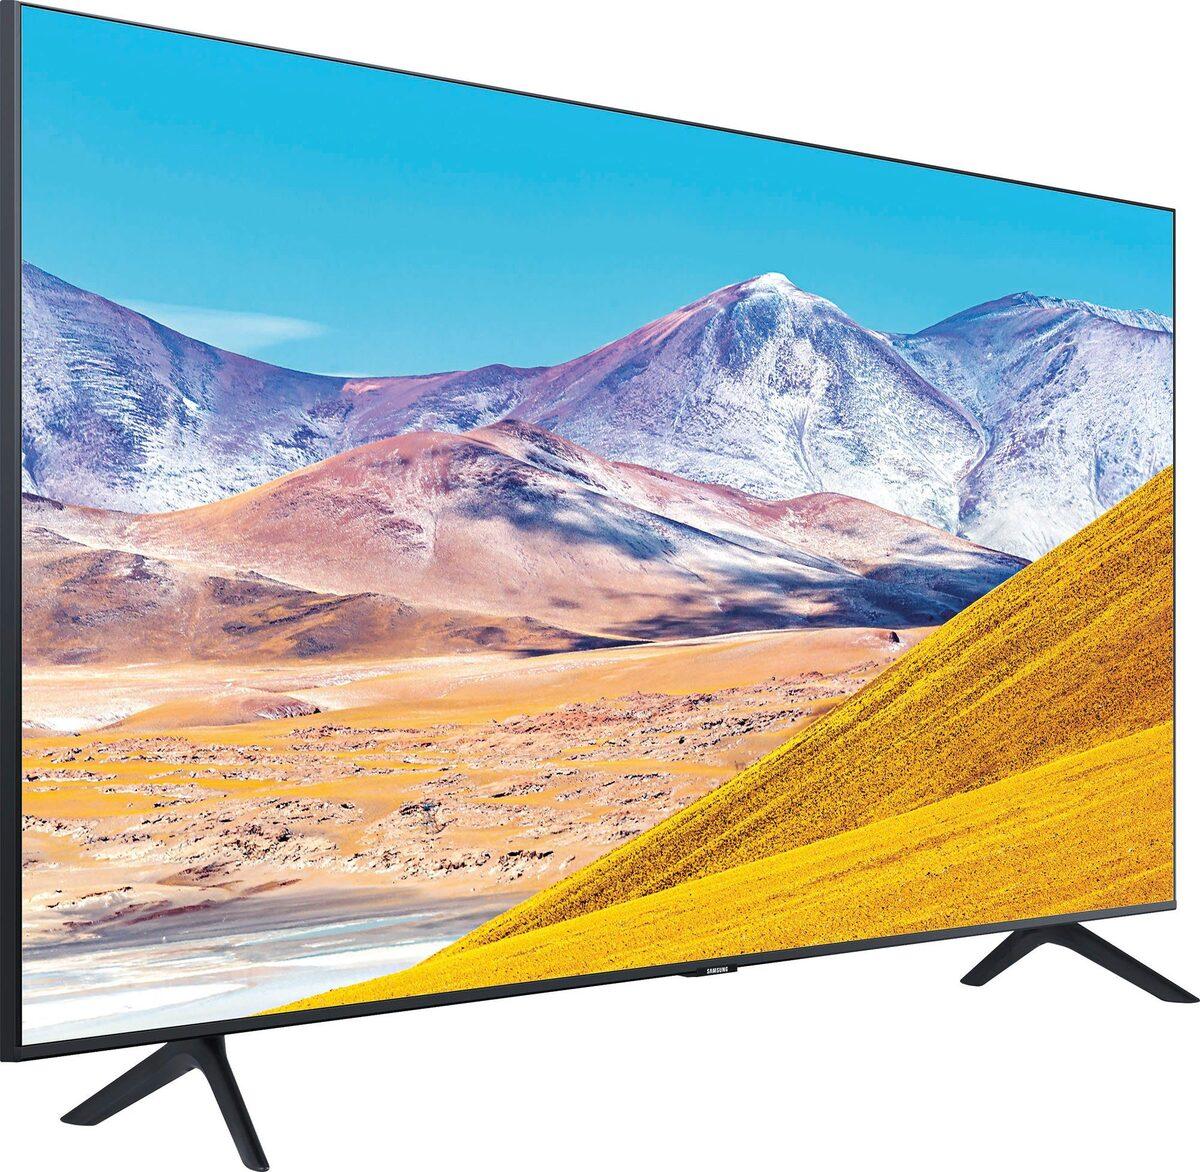 Bild 3 von Samsung GU55TU8079 LED-Fernseher (138 cm/55 Zoll, 4K Ultra HD, Smart-TV)